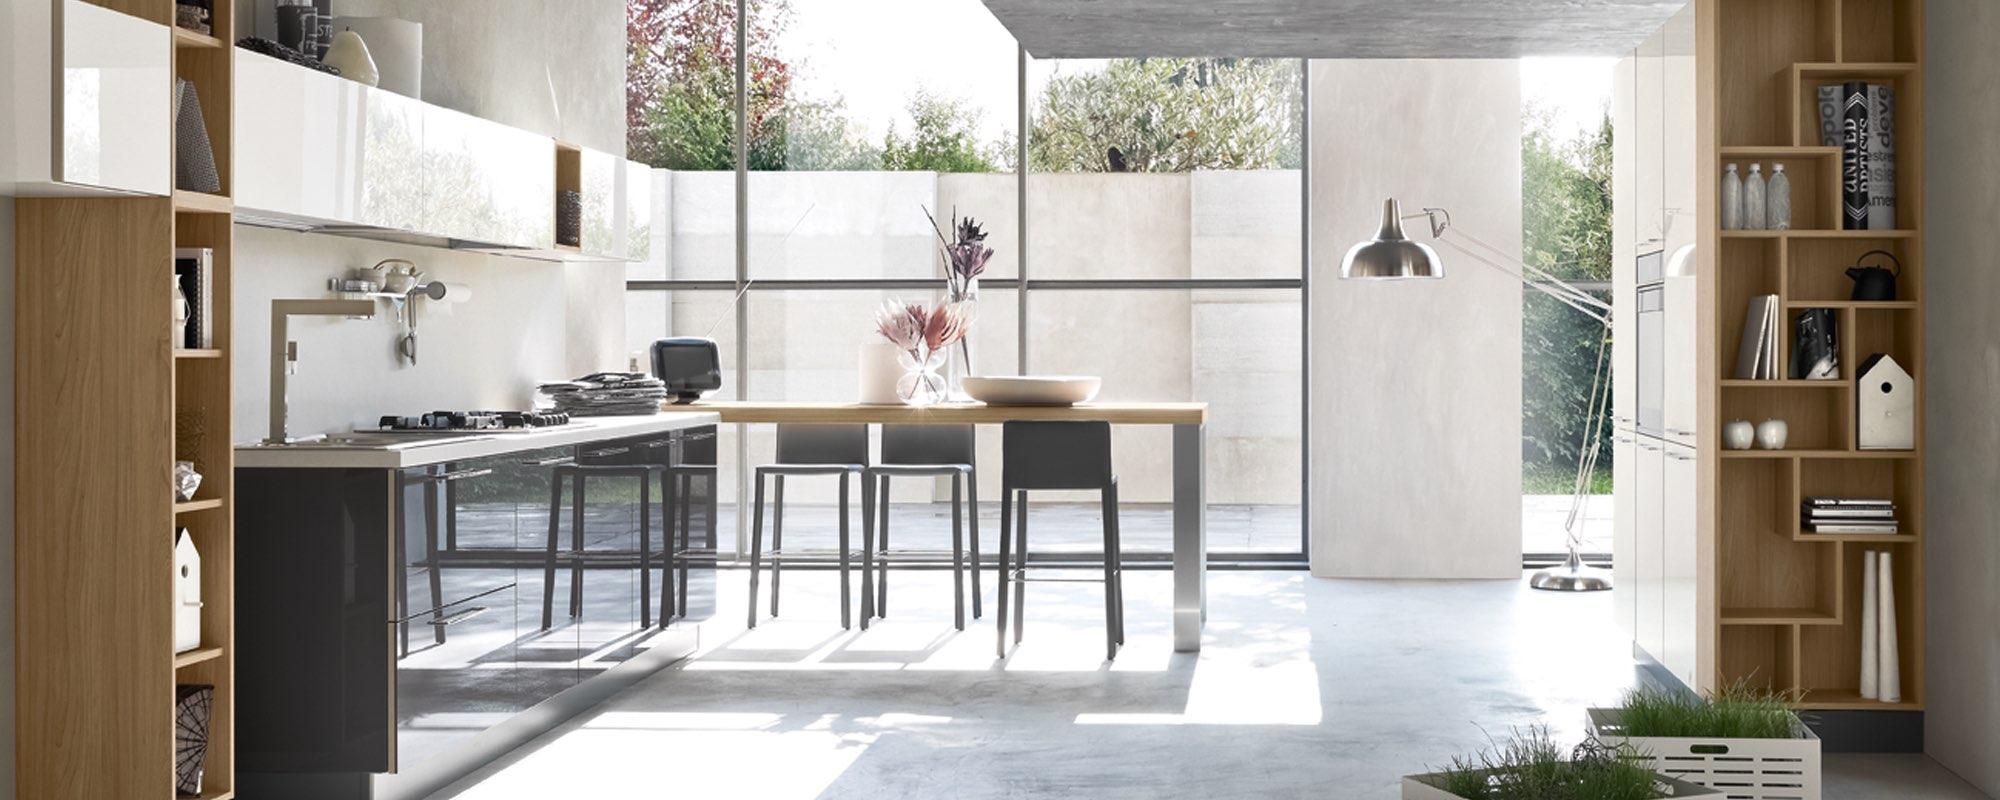 cucina dal design moderno con arredamento funzionale ed equilibrato - Cucina Moderna Aleve